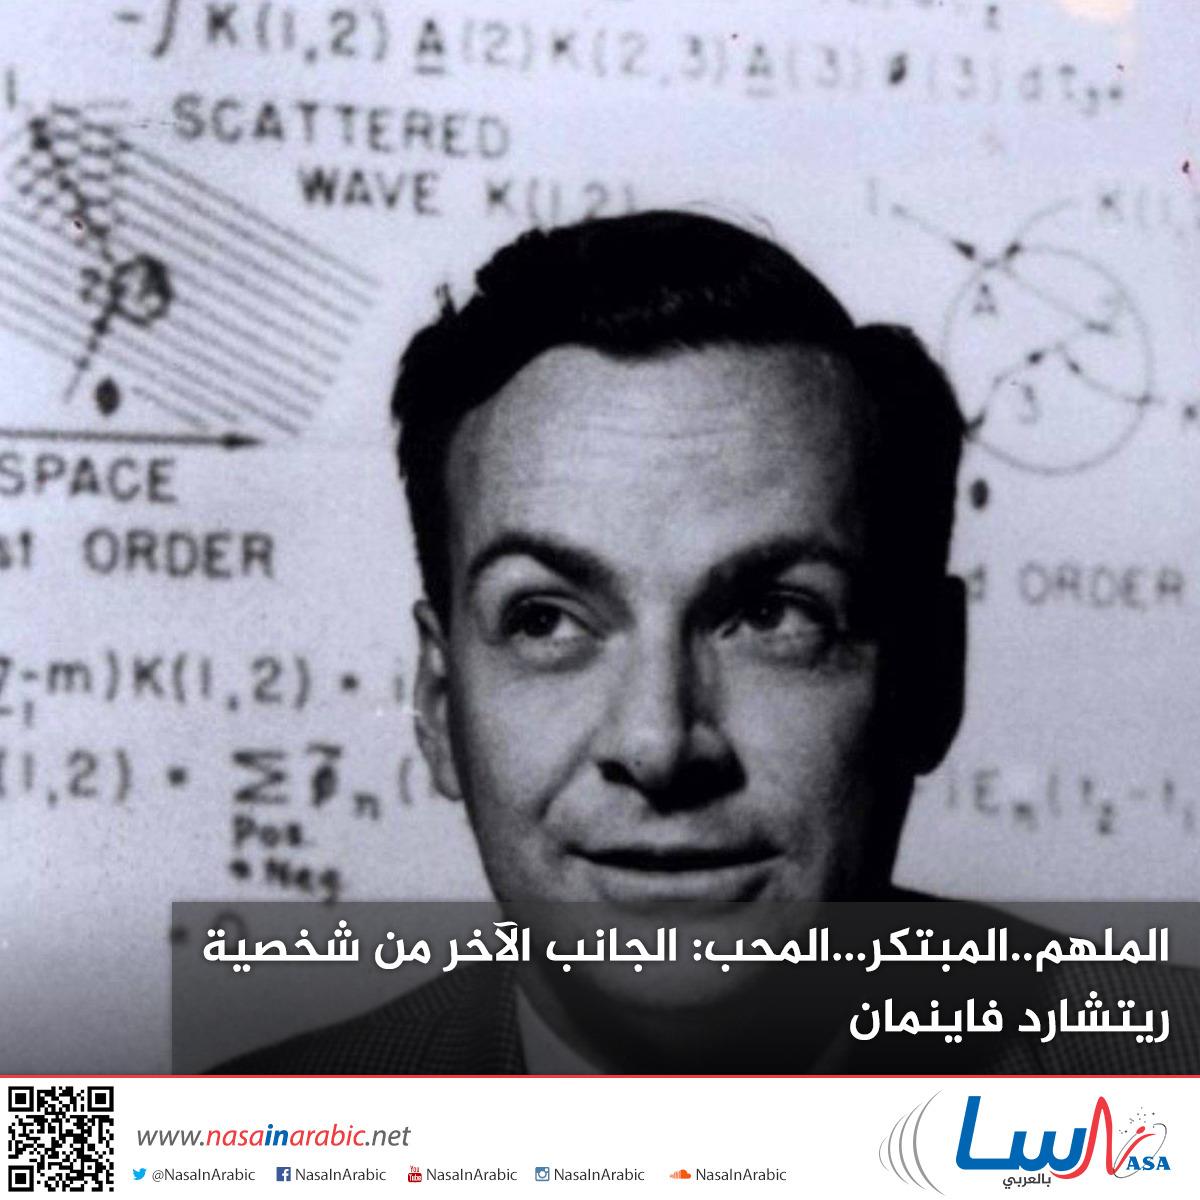 الملهم..المبتكر...المحب: الجانب الآخر من شخصية ريتشارد فاينمان